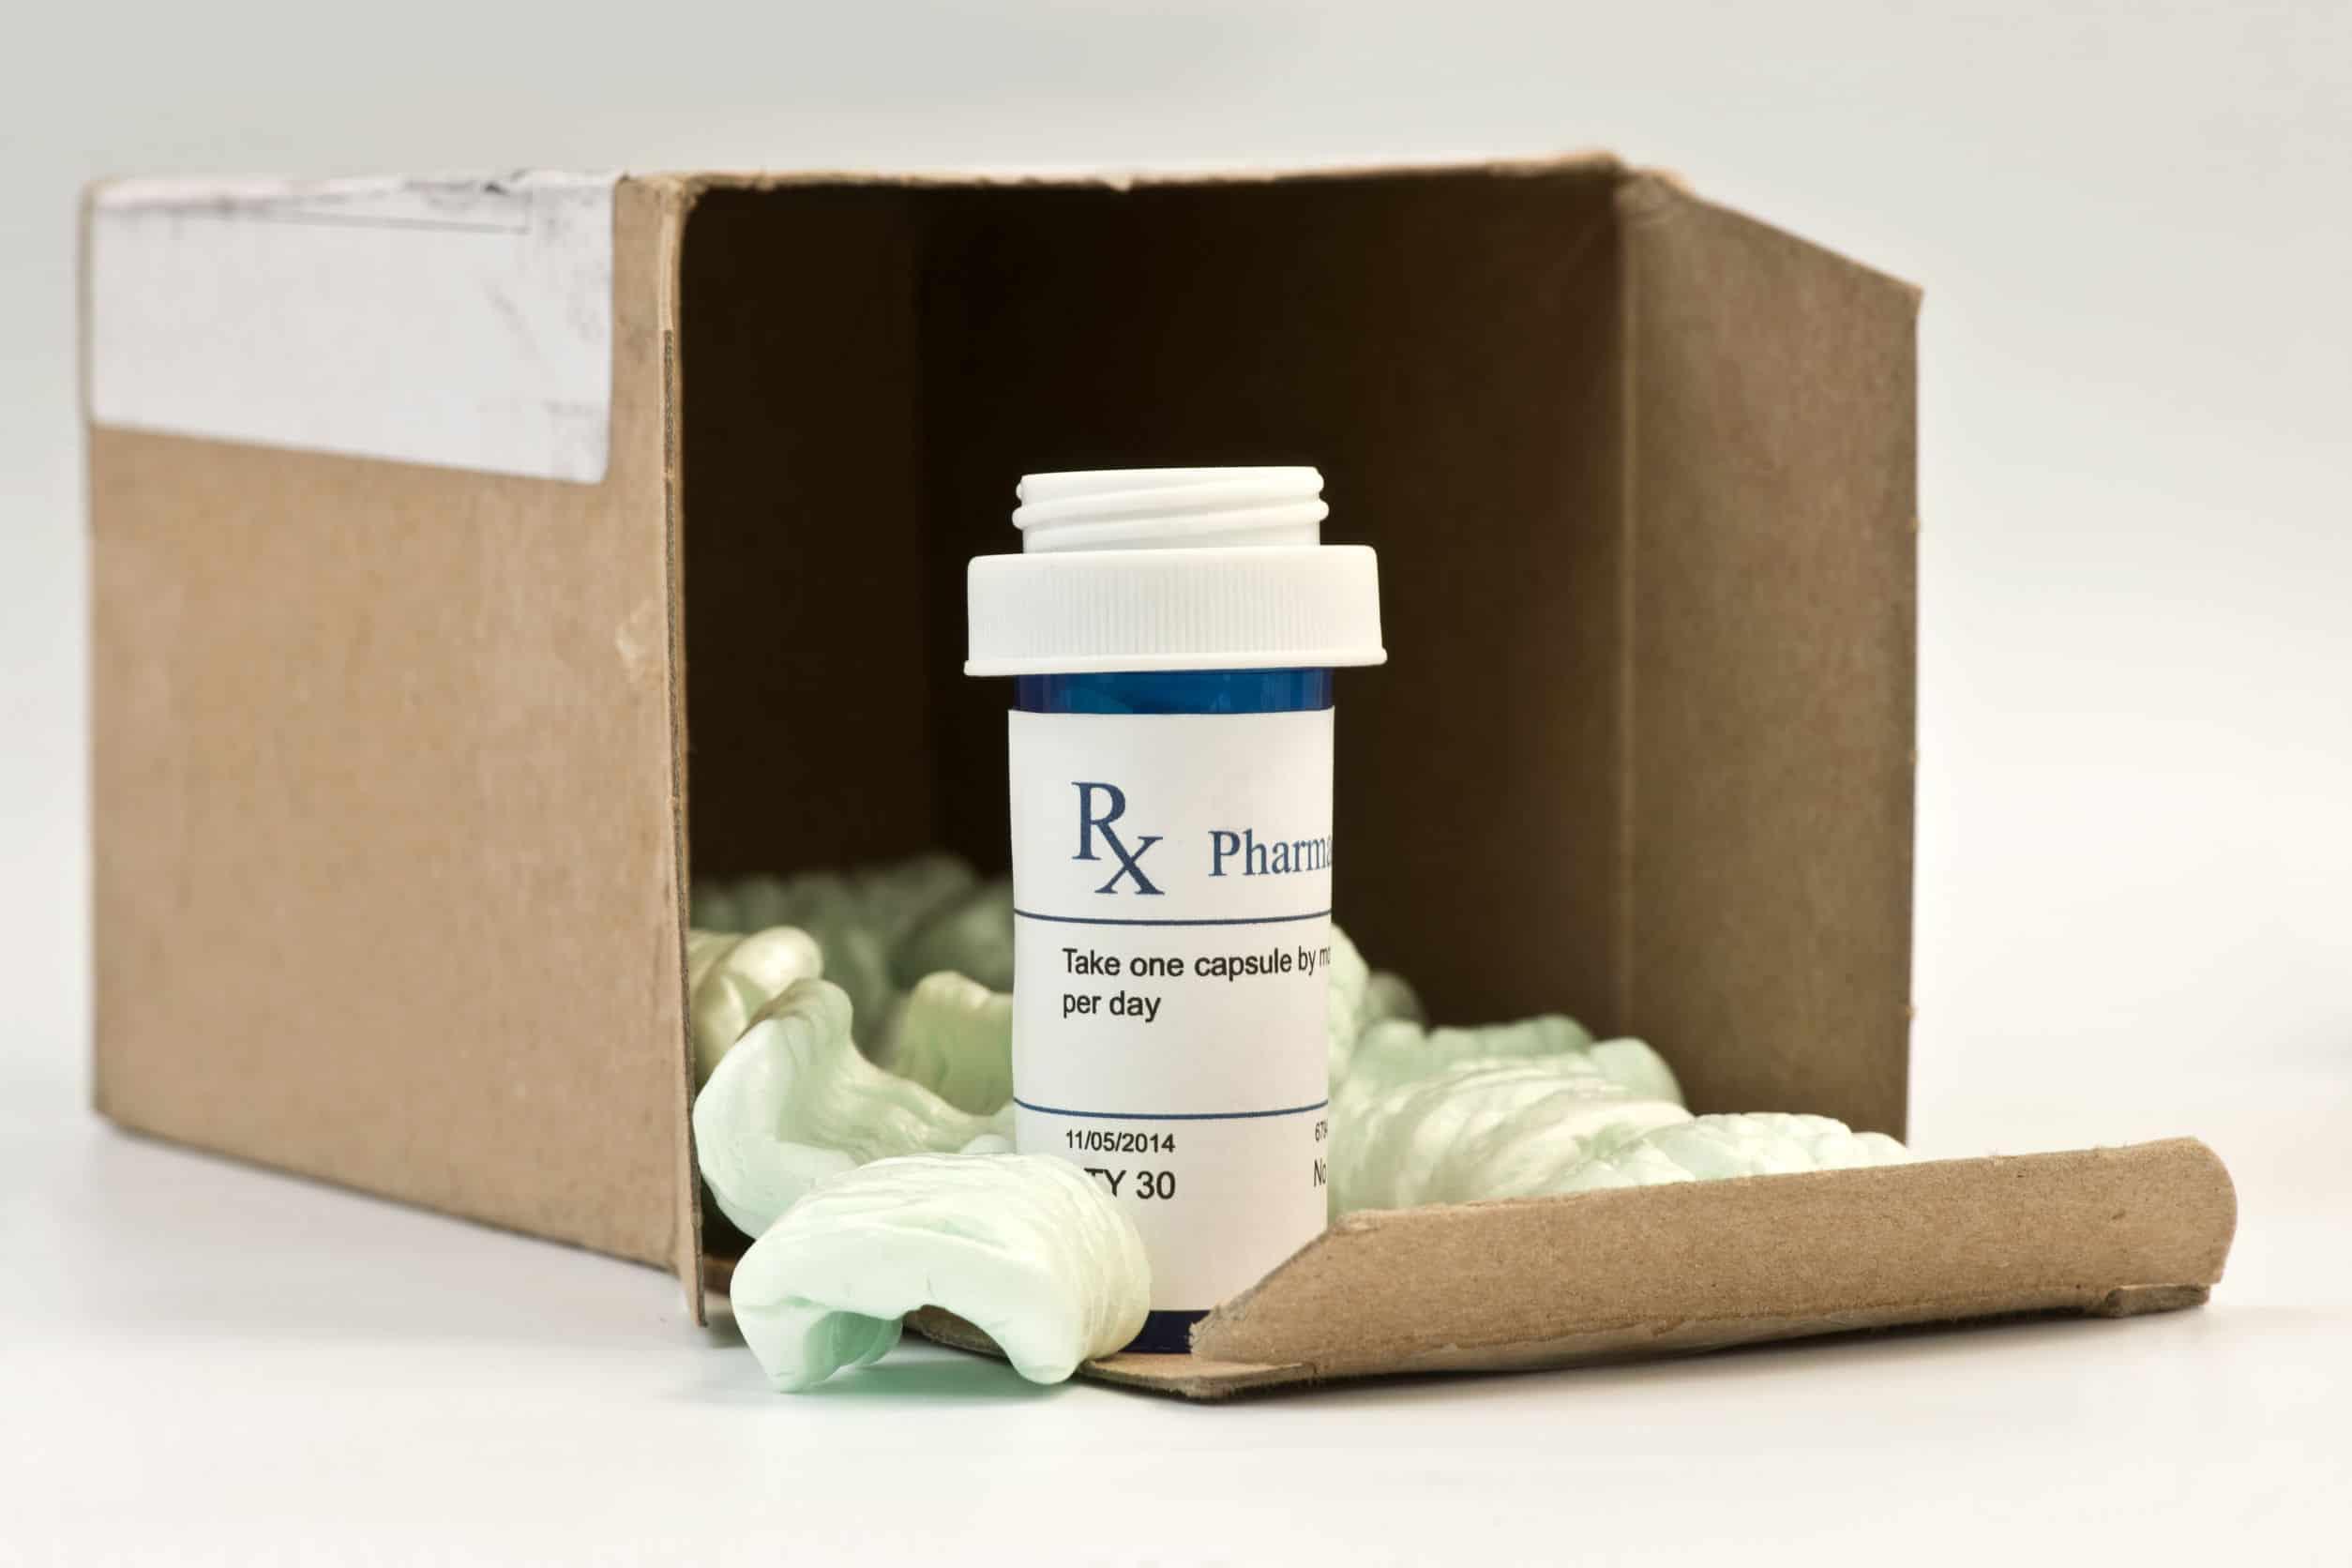 Organizing medication